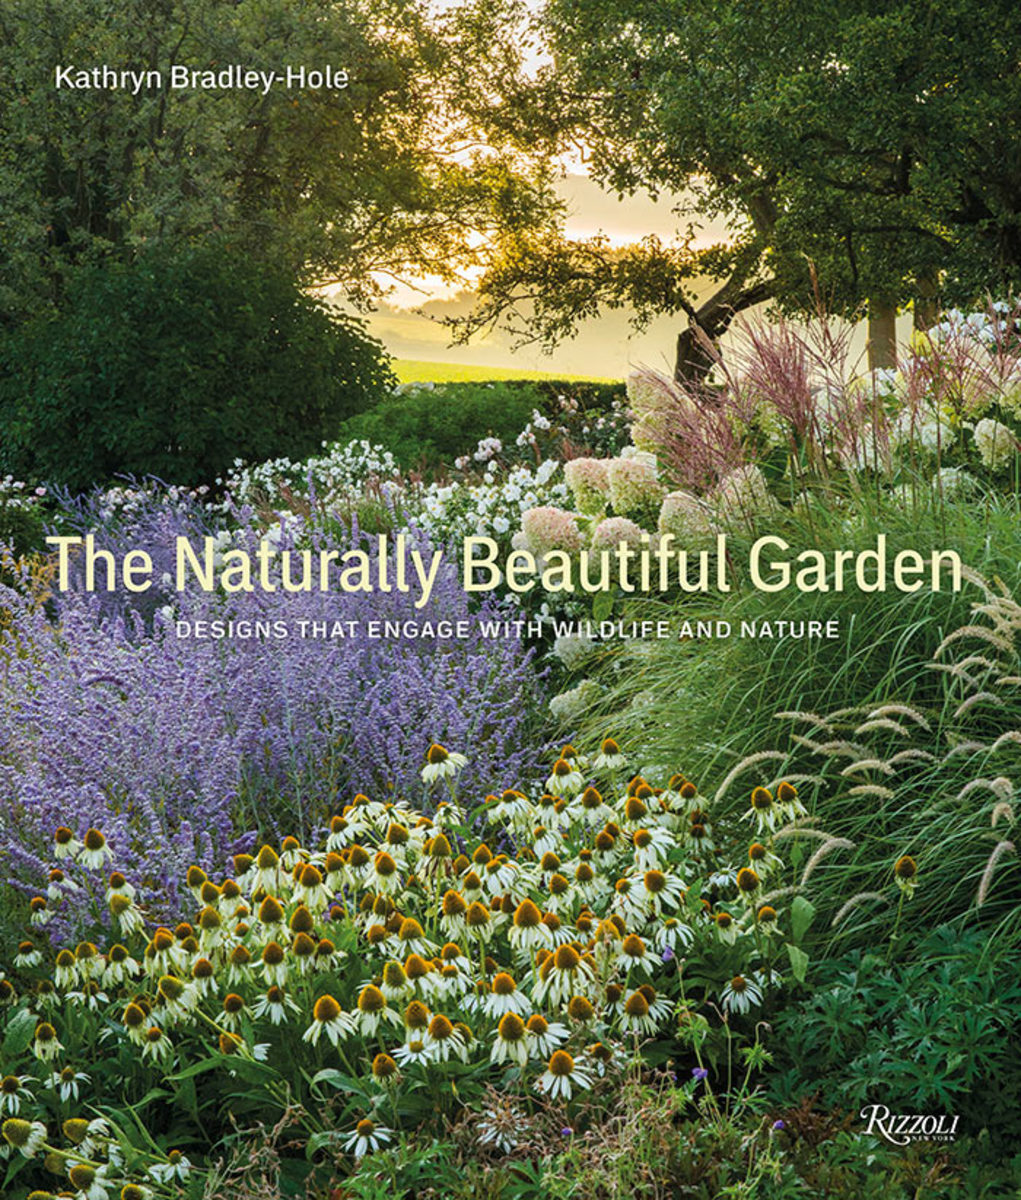 NaturallyBeautifulGardencover